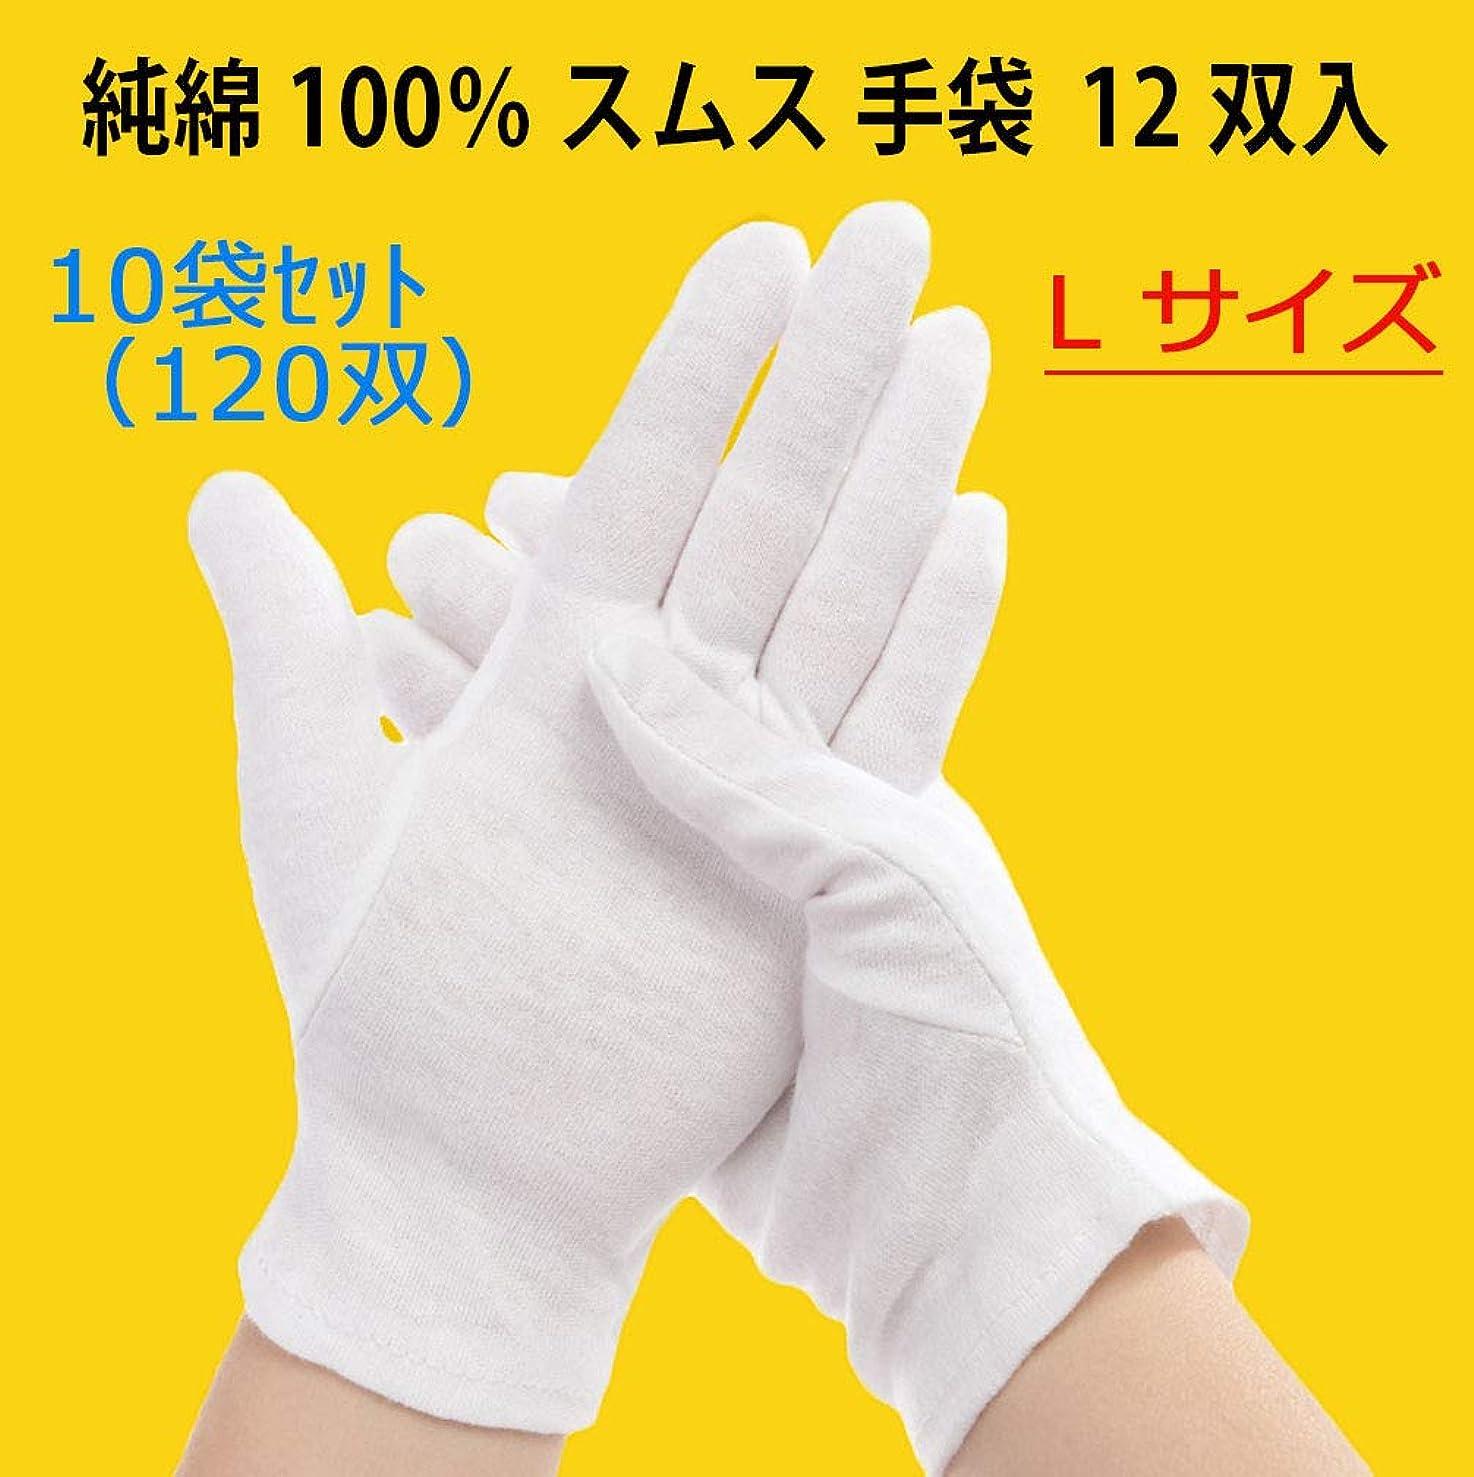 コットン休眠活性化する【お得なセット商品】(120双) 純綿100% スムス 手袋 Lサイズ 12双 大人用 多用途 (10袋)